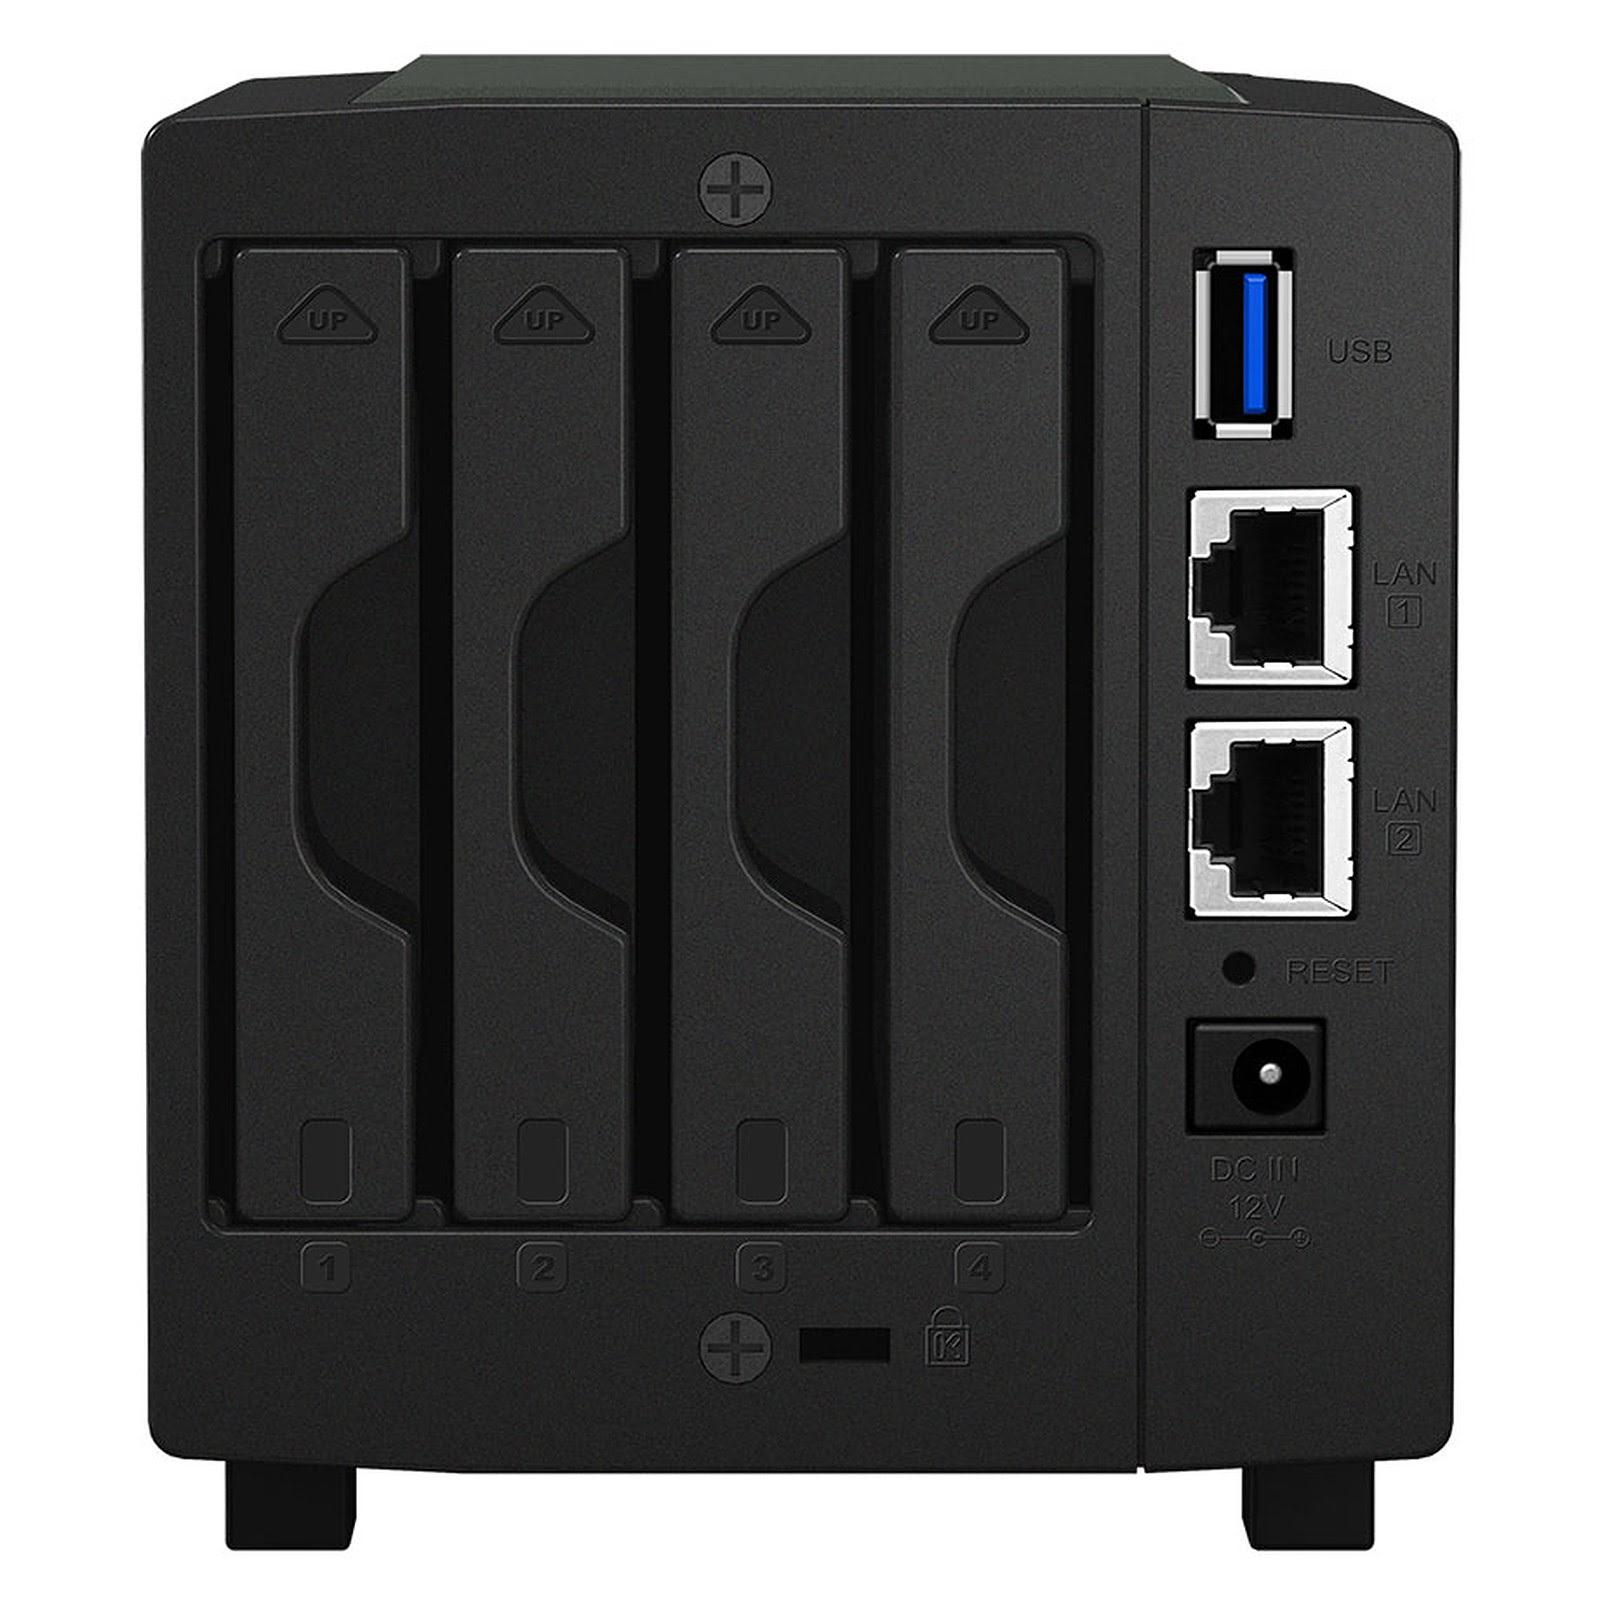 DiskStation DS419slim (DS419SLIM) - Achat / Vente Serveur NAS sur Picata.fr - 1